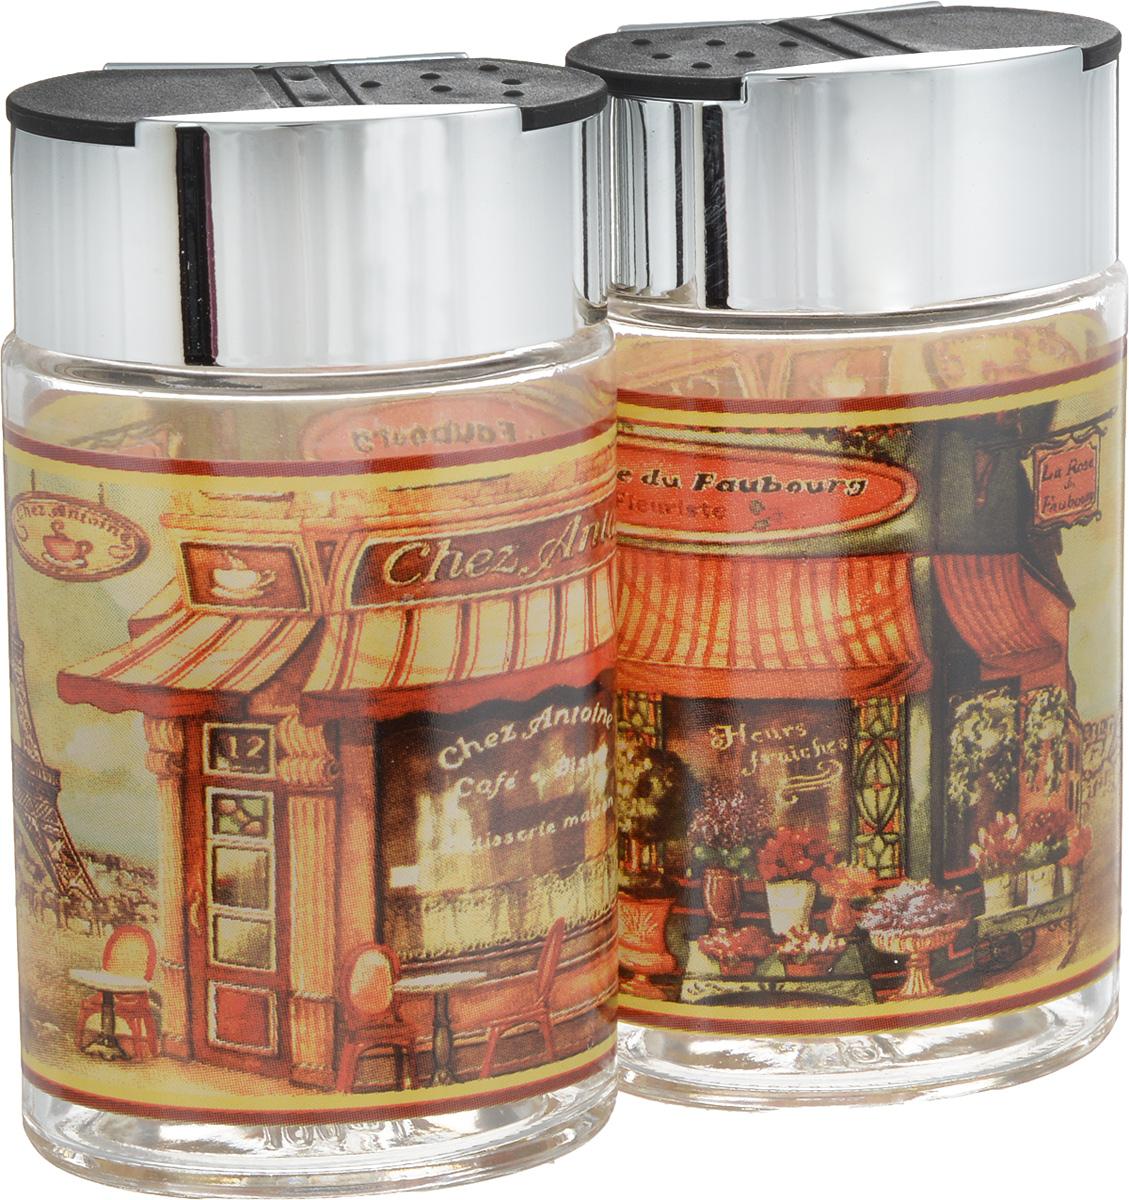 Набор для соли и перца SinoGlass Бутик, 2 предметаSI-806648003-ALНабор SinoGlass Бутик состоит из солонки и перечницы. Емкости, выполненные из стекла, оснащены пластиковыми крышками с хромированным покрытием со специальными отверстиями для высыпания. Благодаря компактным размерам набор не займет много места на вашей кухне. Емкости легки в использовании: стоит только перевернуть их, и вы с легкостью сможете добавить соль и перец по вкусу в любое блюдо. Дизайн, эстетичность и функциональность набора SinoGlass Бутик позволят ему стать достойным дополнением к кухонному инвентарю. Размер солонки/перечницы (с учетом крышки): 5,5 х 4 х 10 см.